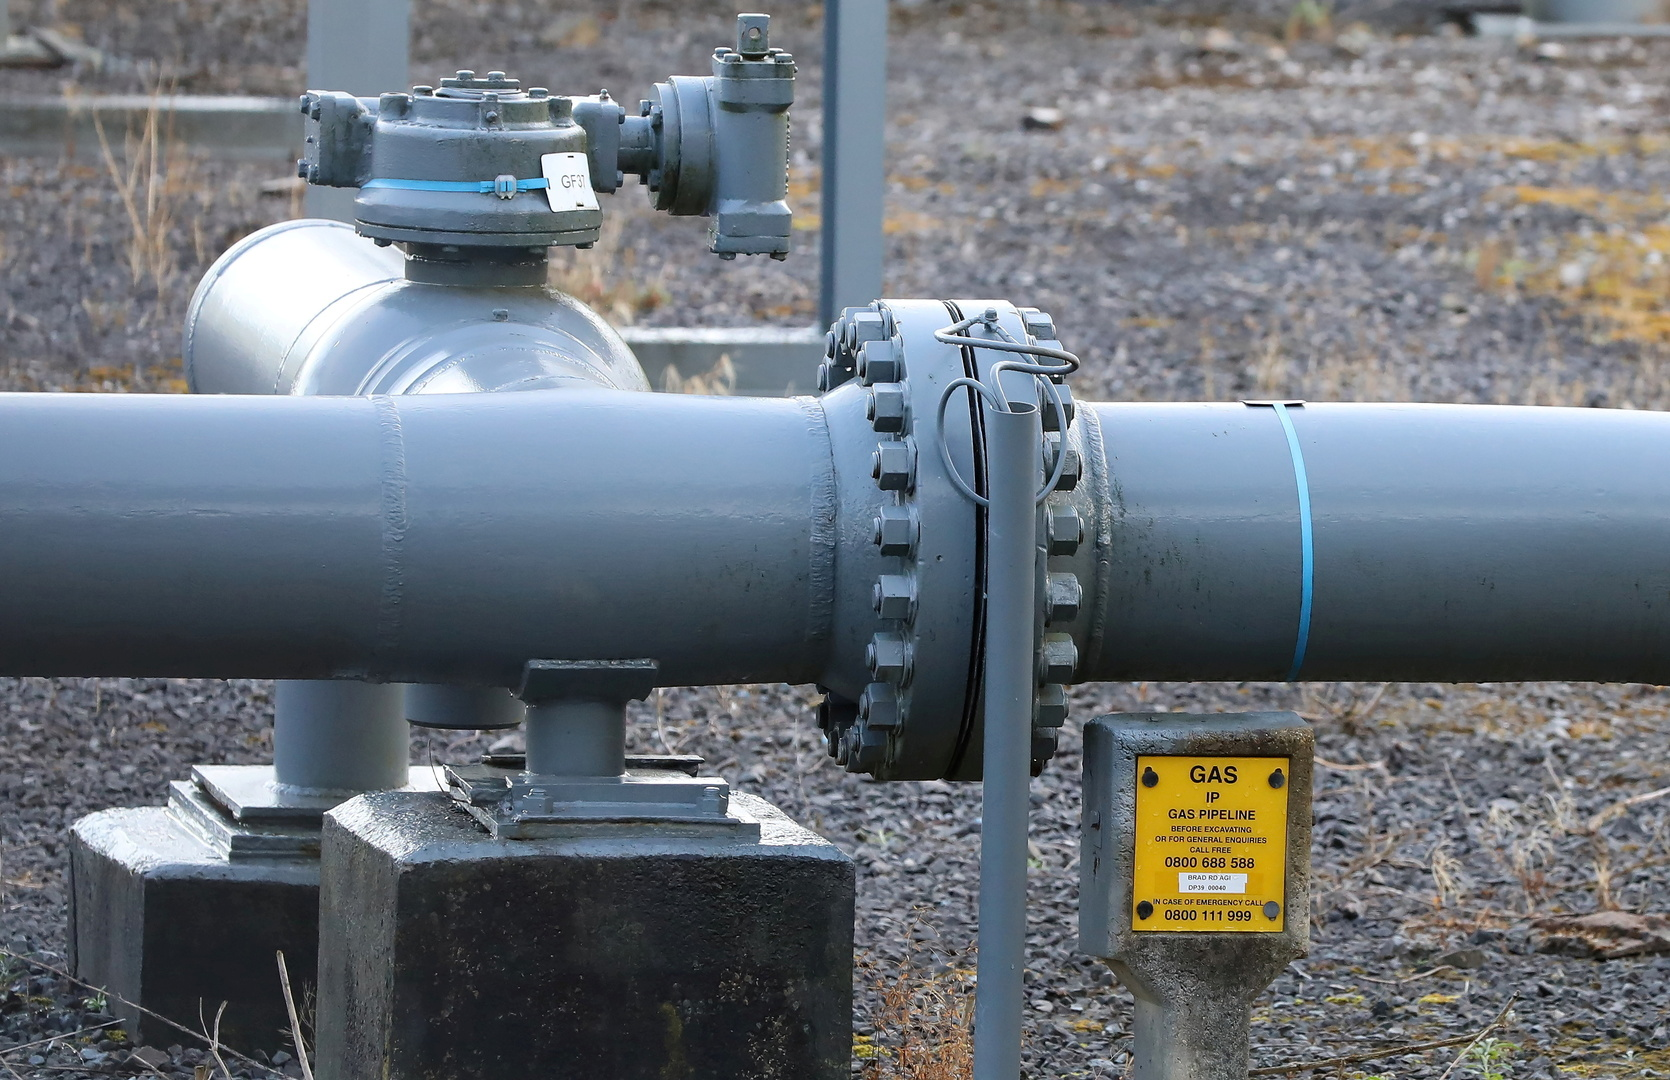 وزارة الطاقة الروسية: روسيا كانت دائما وستظل موردا موثوقا للغاز